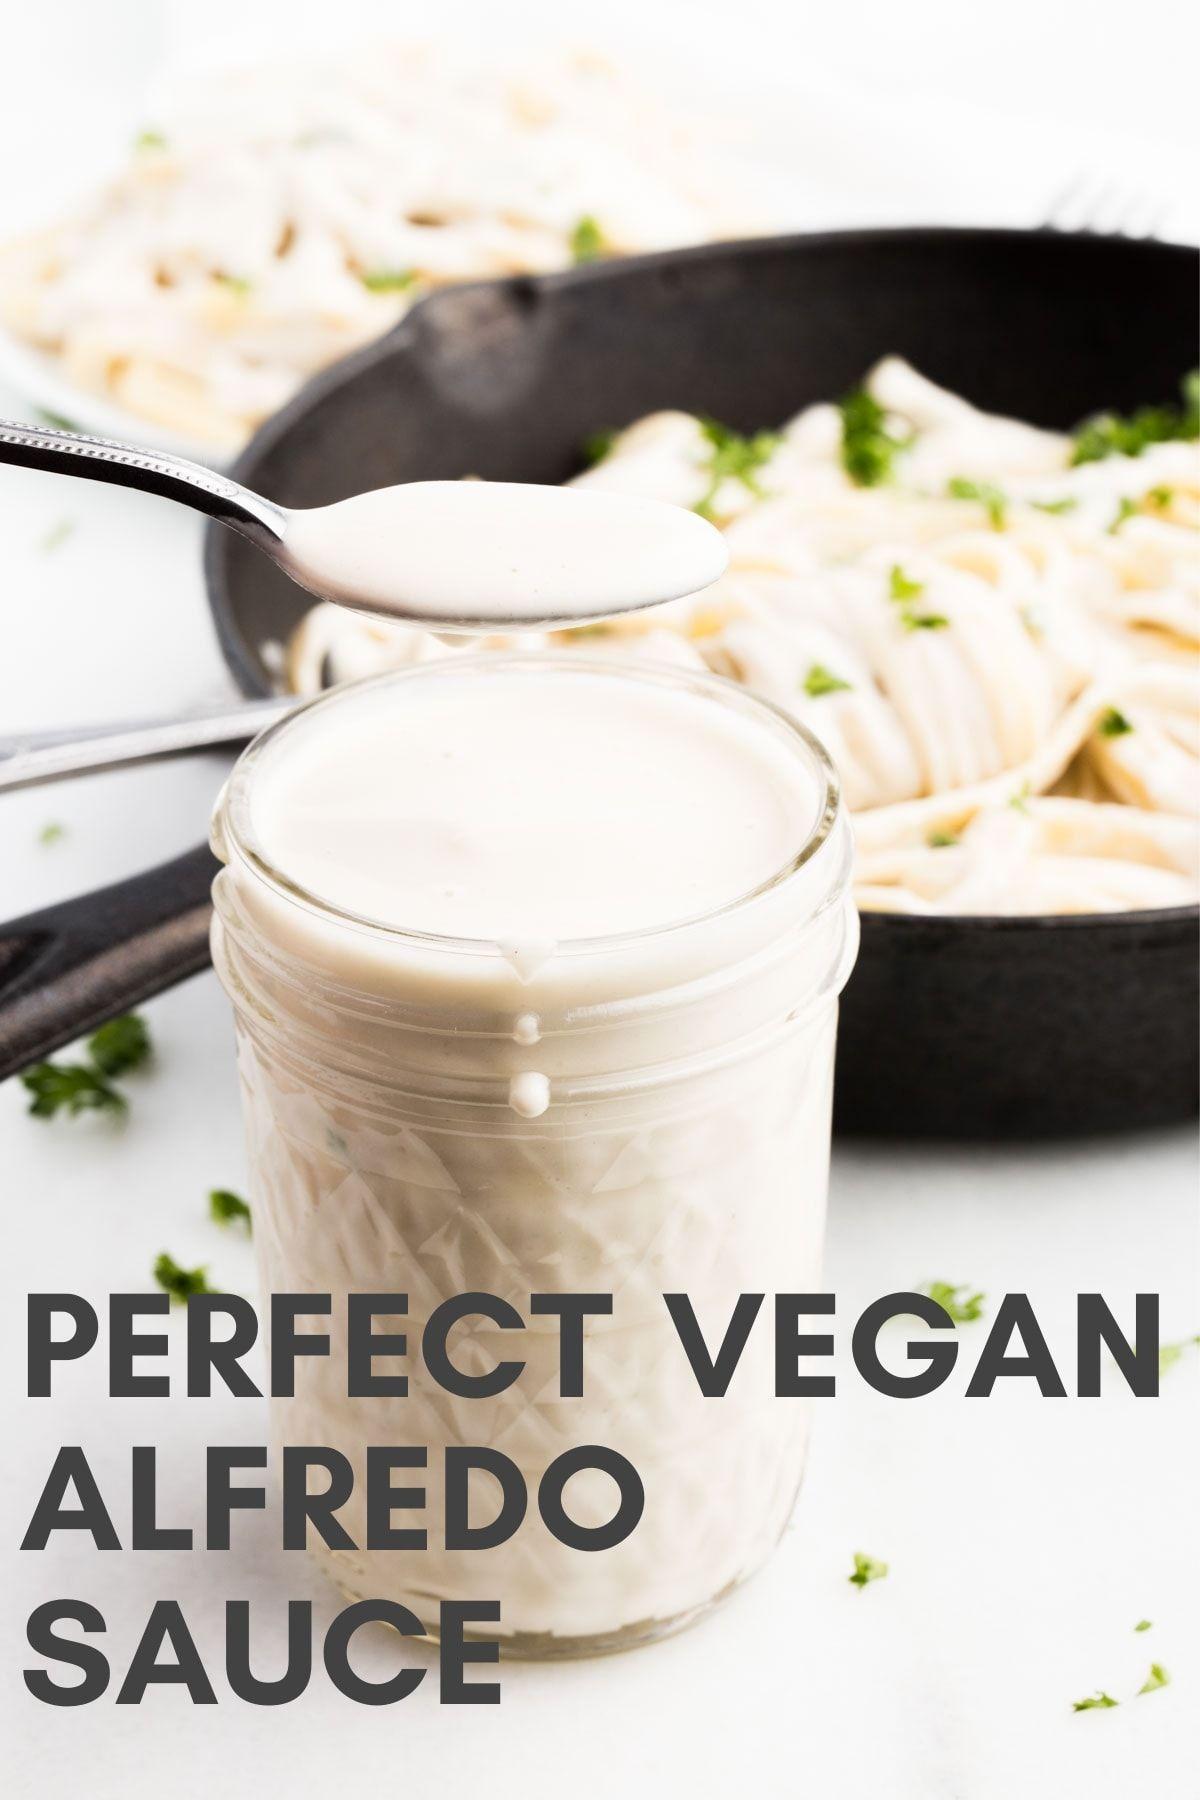 Perfect Vegan Alfredo Sauce Recipe In 2020 Vegan Alfredo Vegan Alfredo Sauce Alfredo Sauce